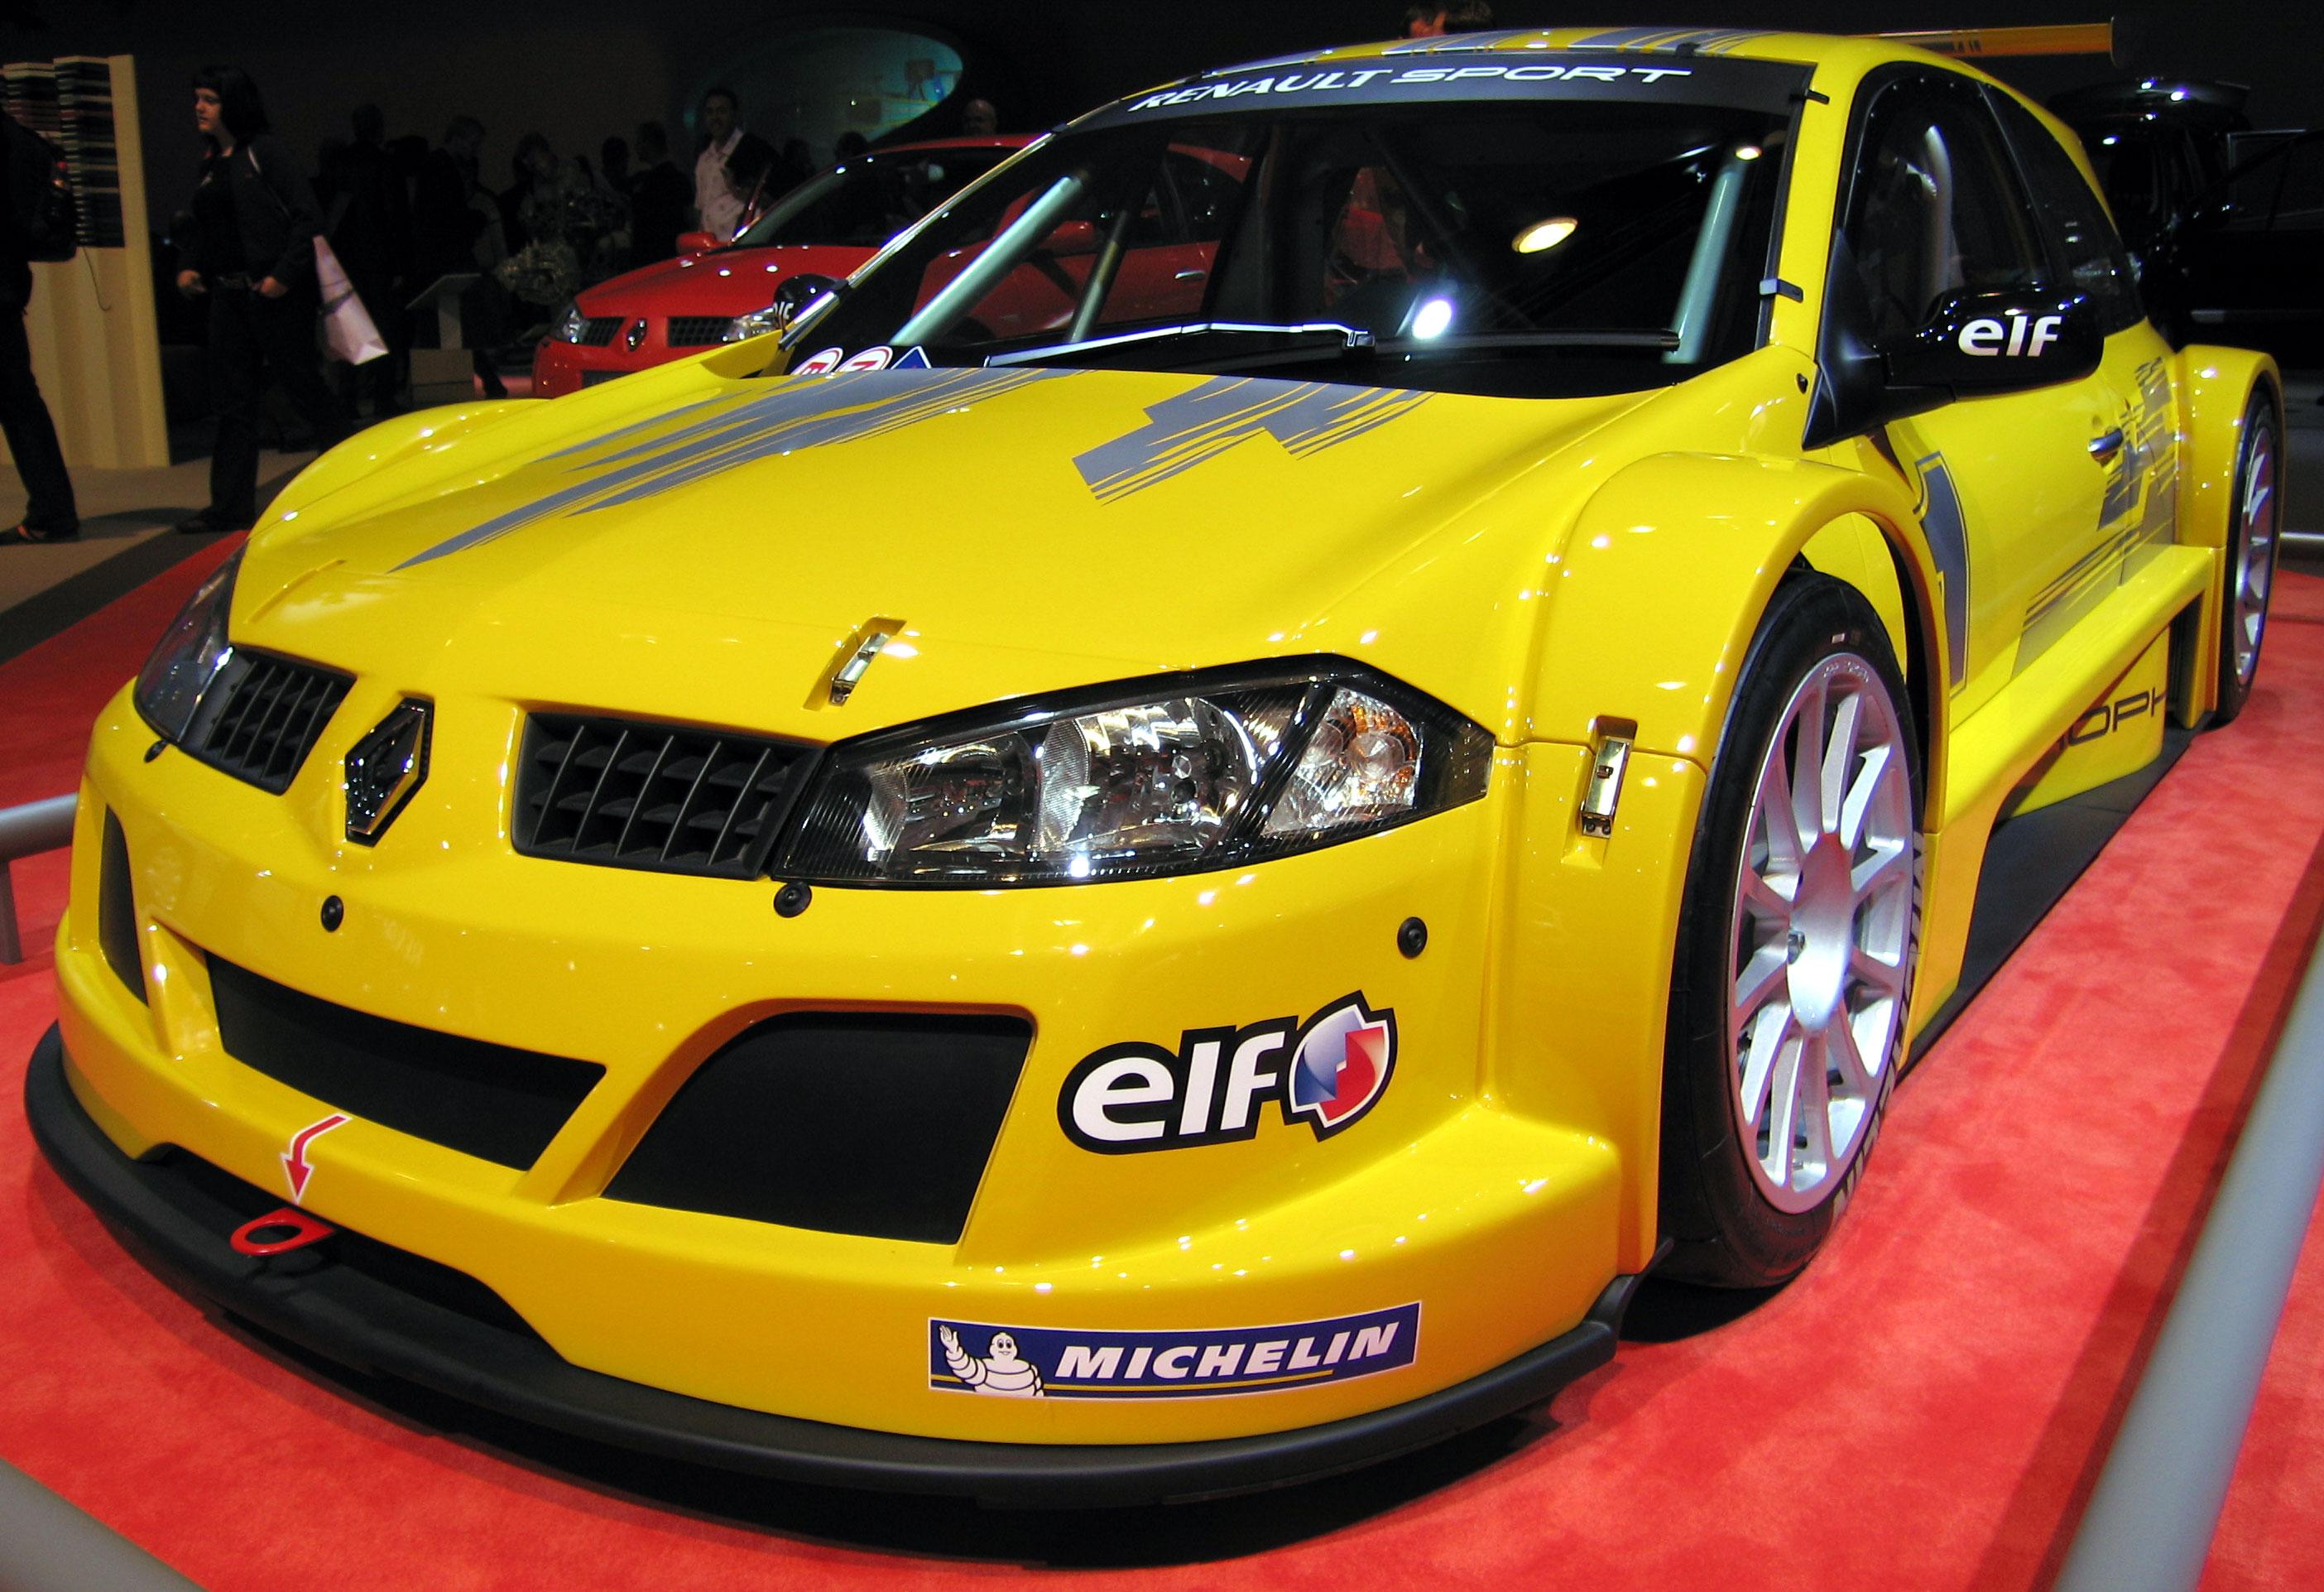 Megane Renault Sport. Гоночная версия компактного французского автомобиля